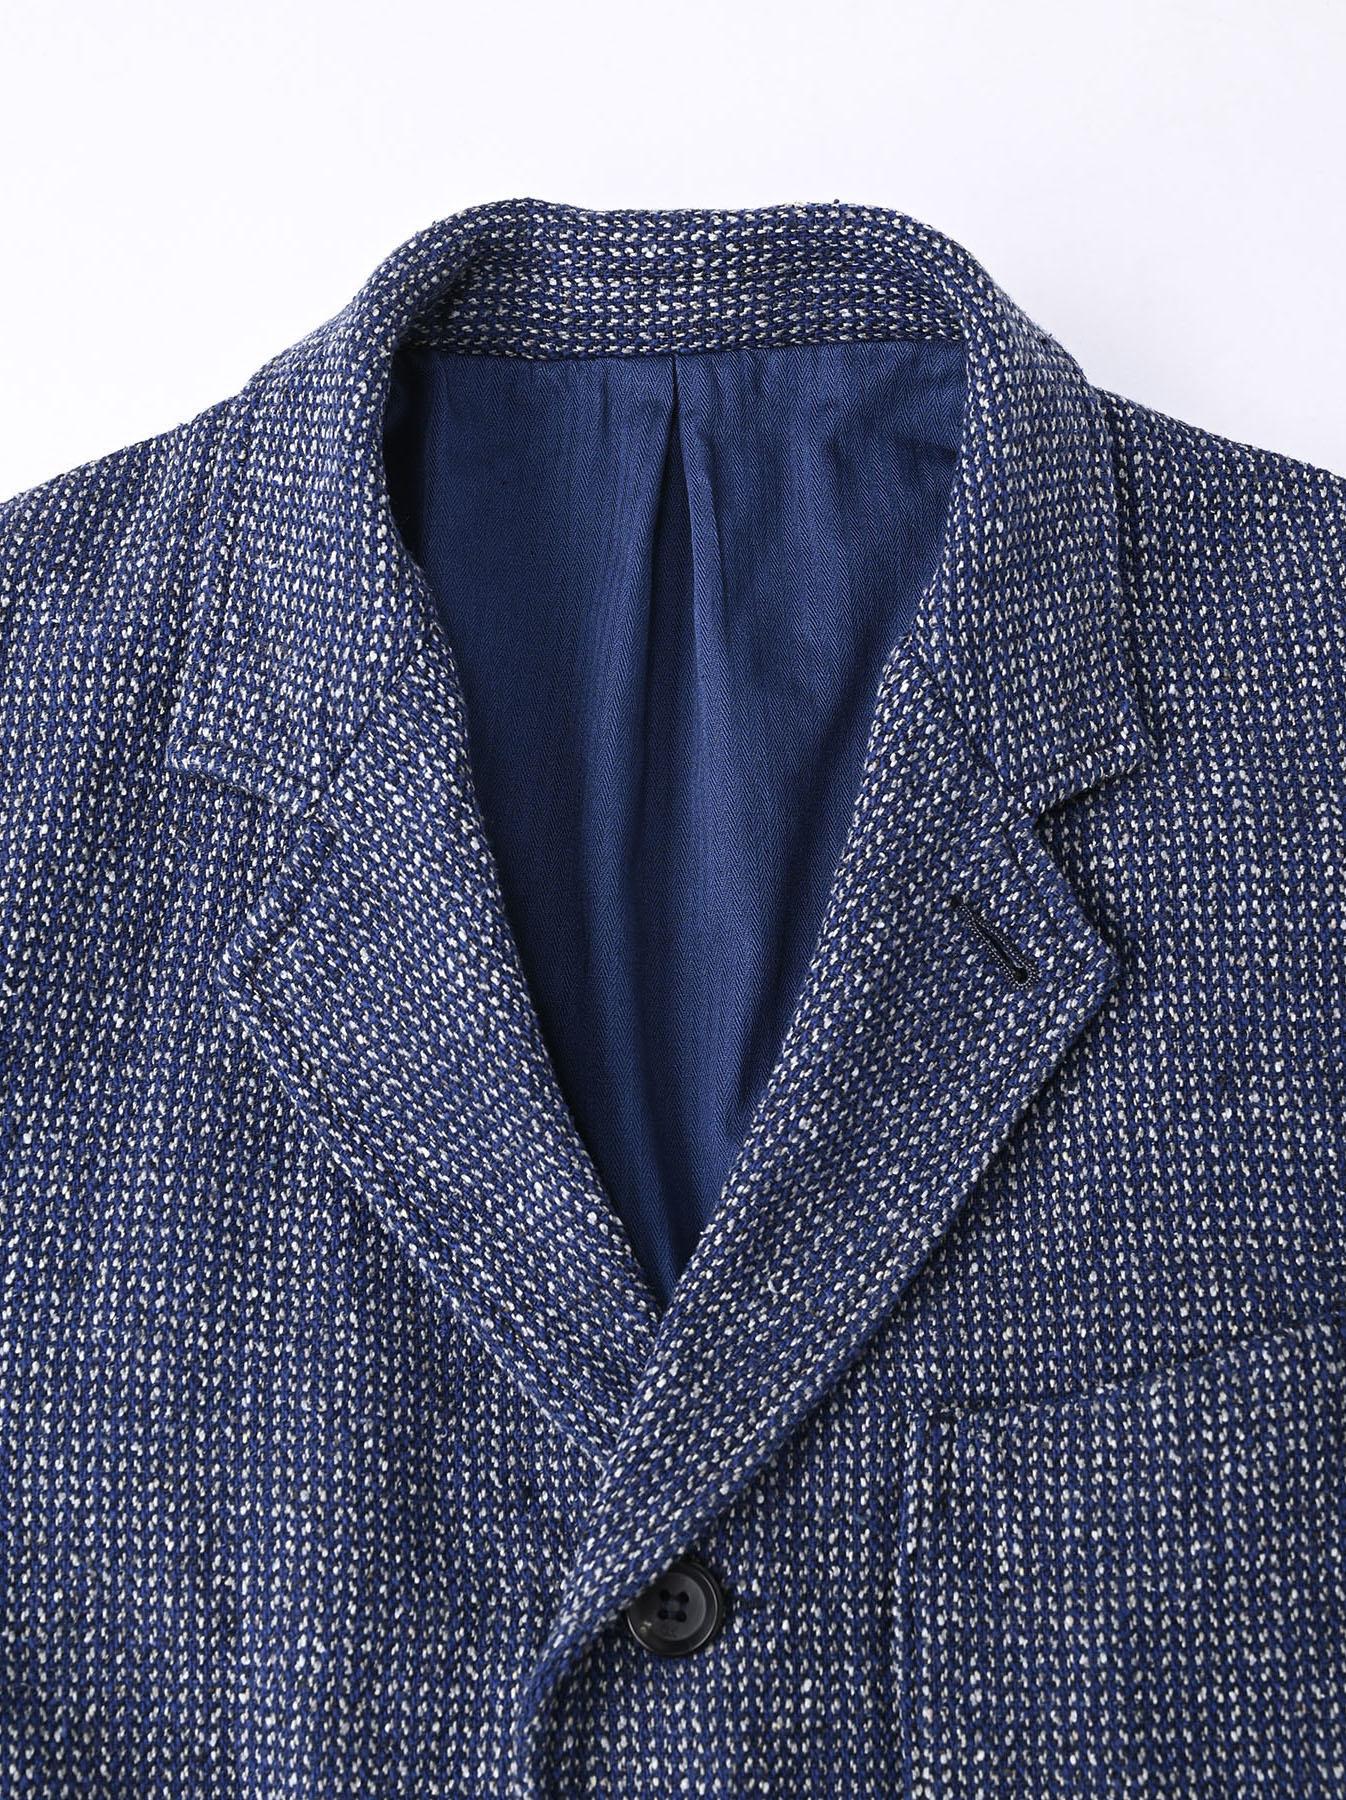 Homespun Indigo Cotton Tweed Asama Jacket-7